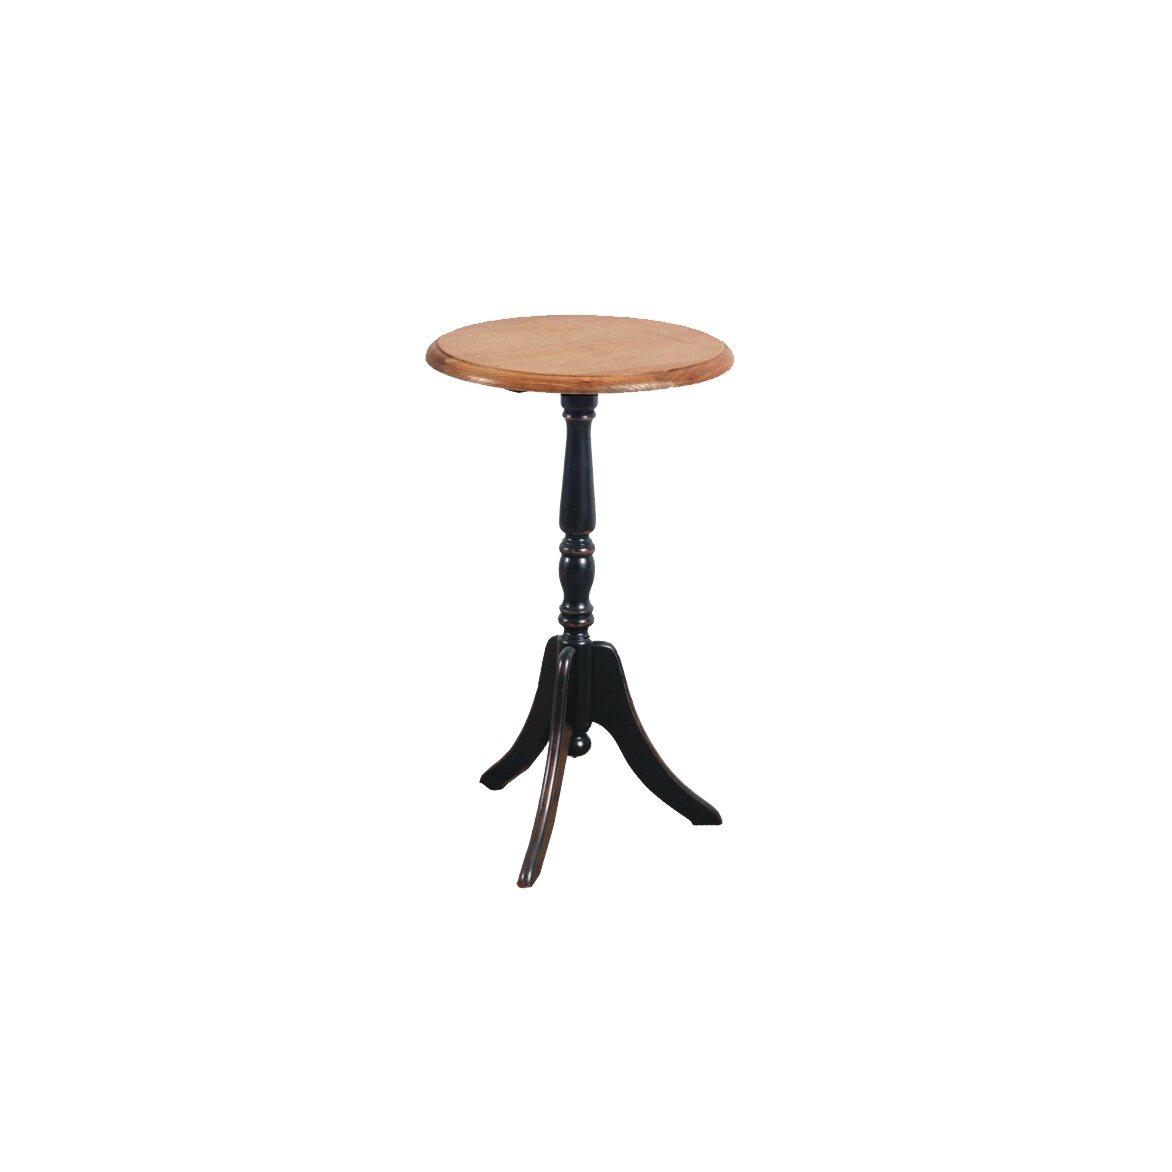 Кофейный столик Leontina (круглый), черного цвета | Кофейные столики Kingsby